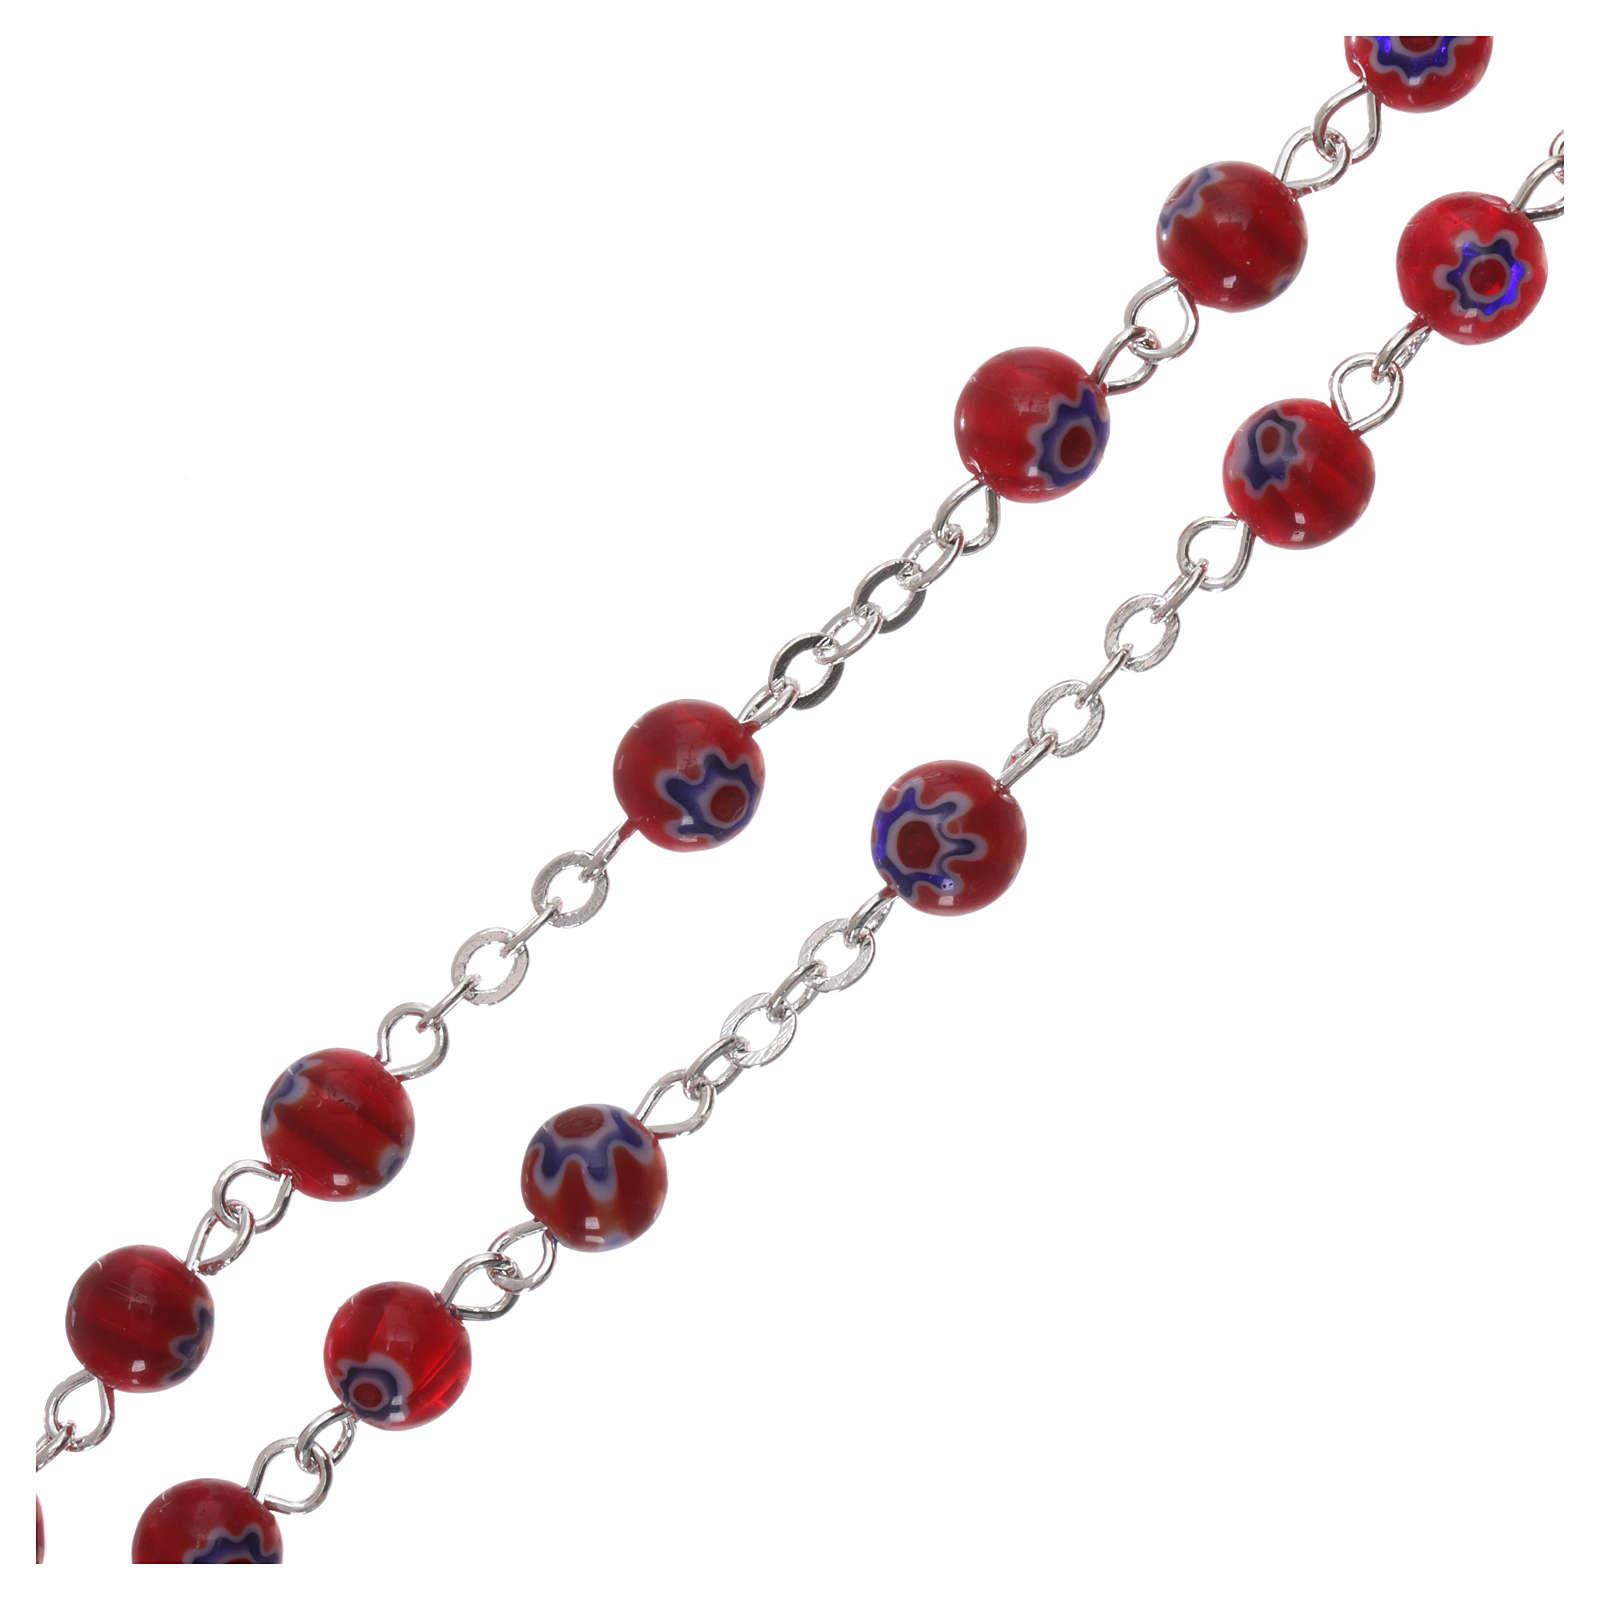 Rosario vidrio imitación Murano con fantasias floreales granos 6 mm 4